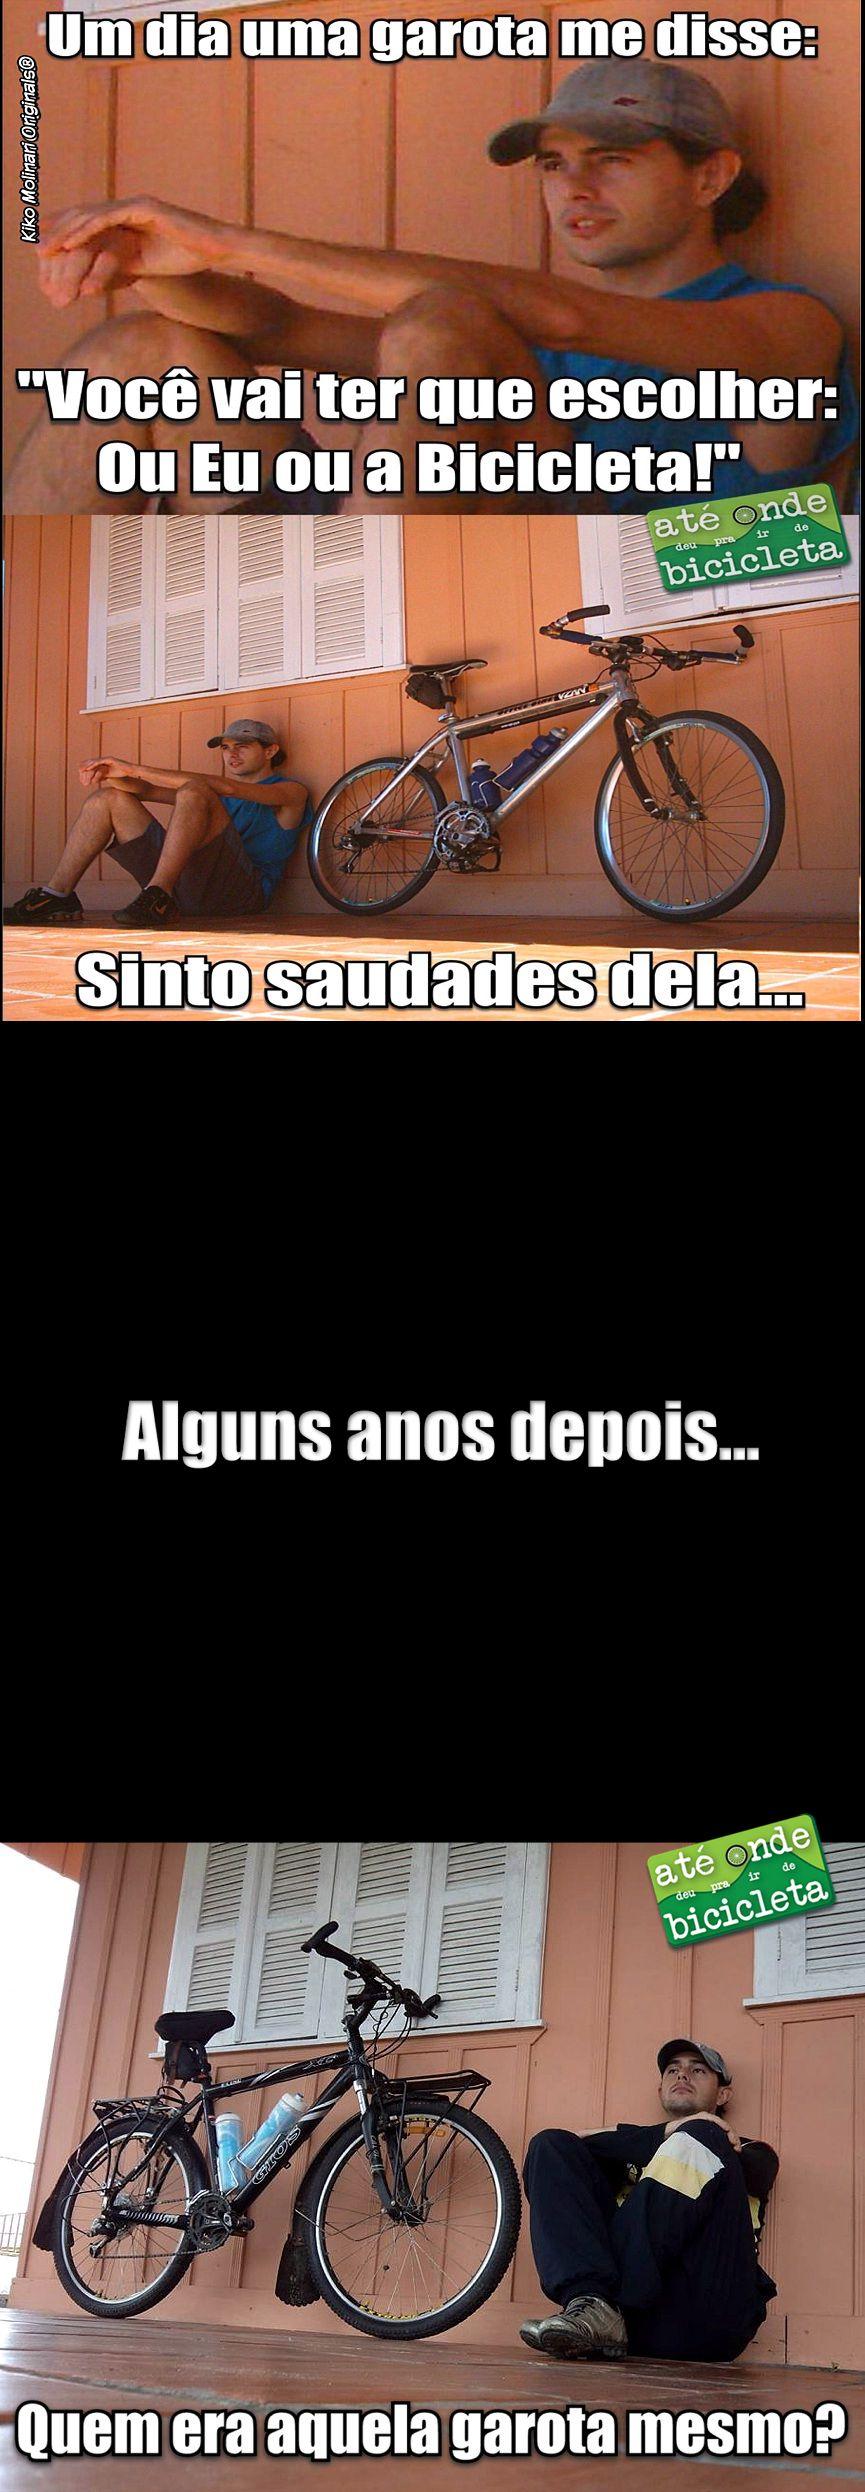 Bike Memes - Ou Eu ou a Bike 2